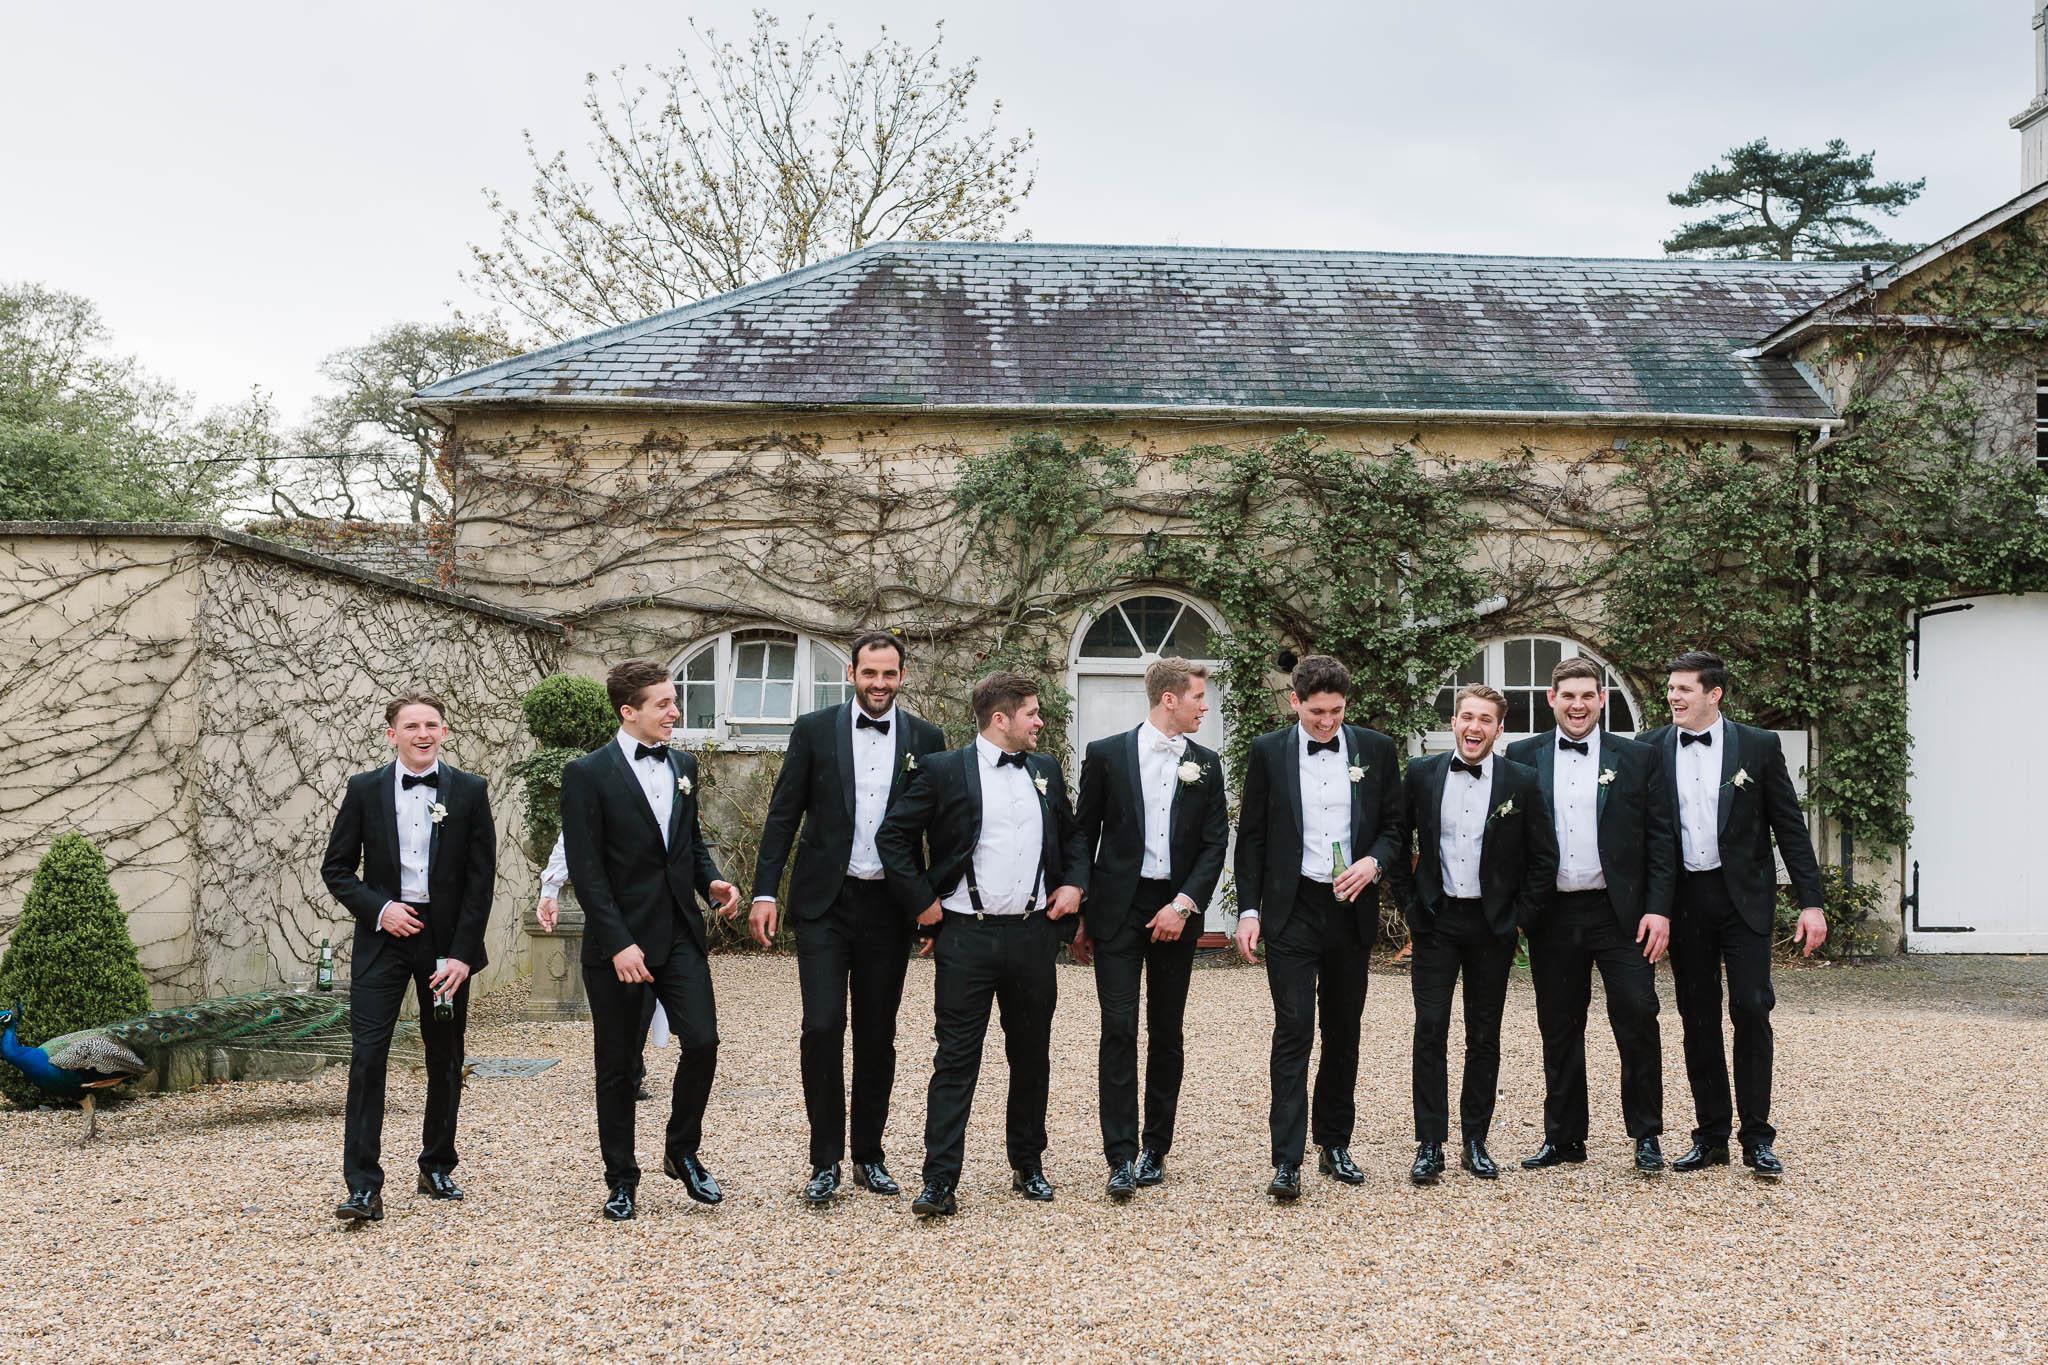 groom and groomsmen walking - elegant and stylish wedding